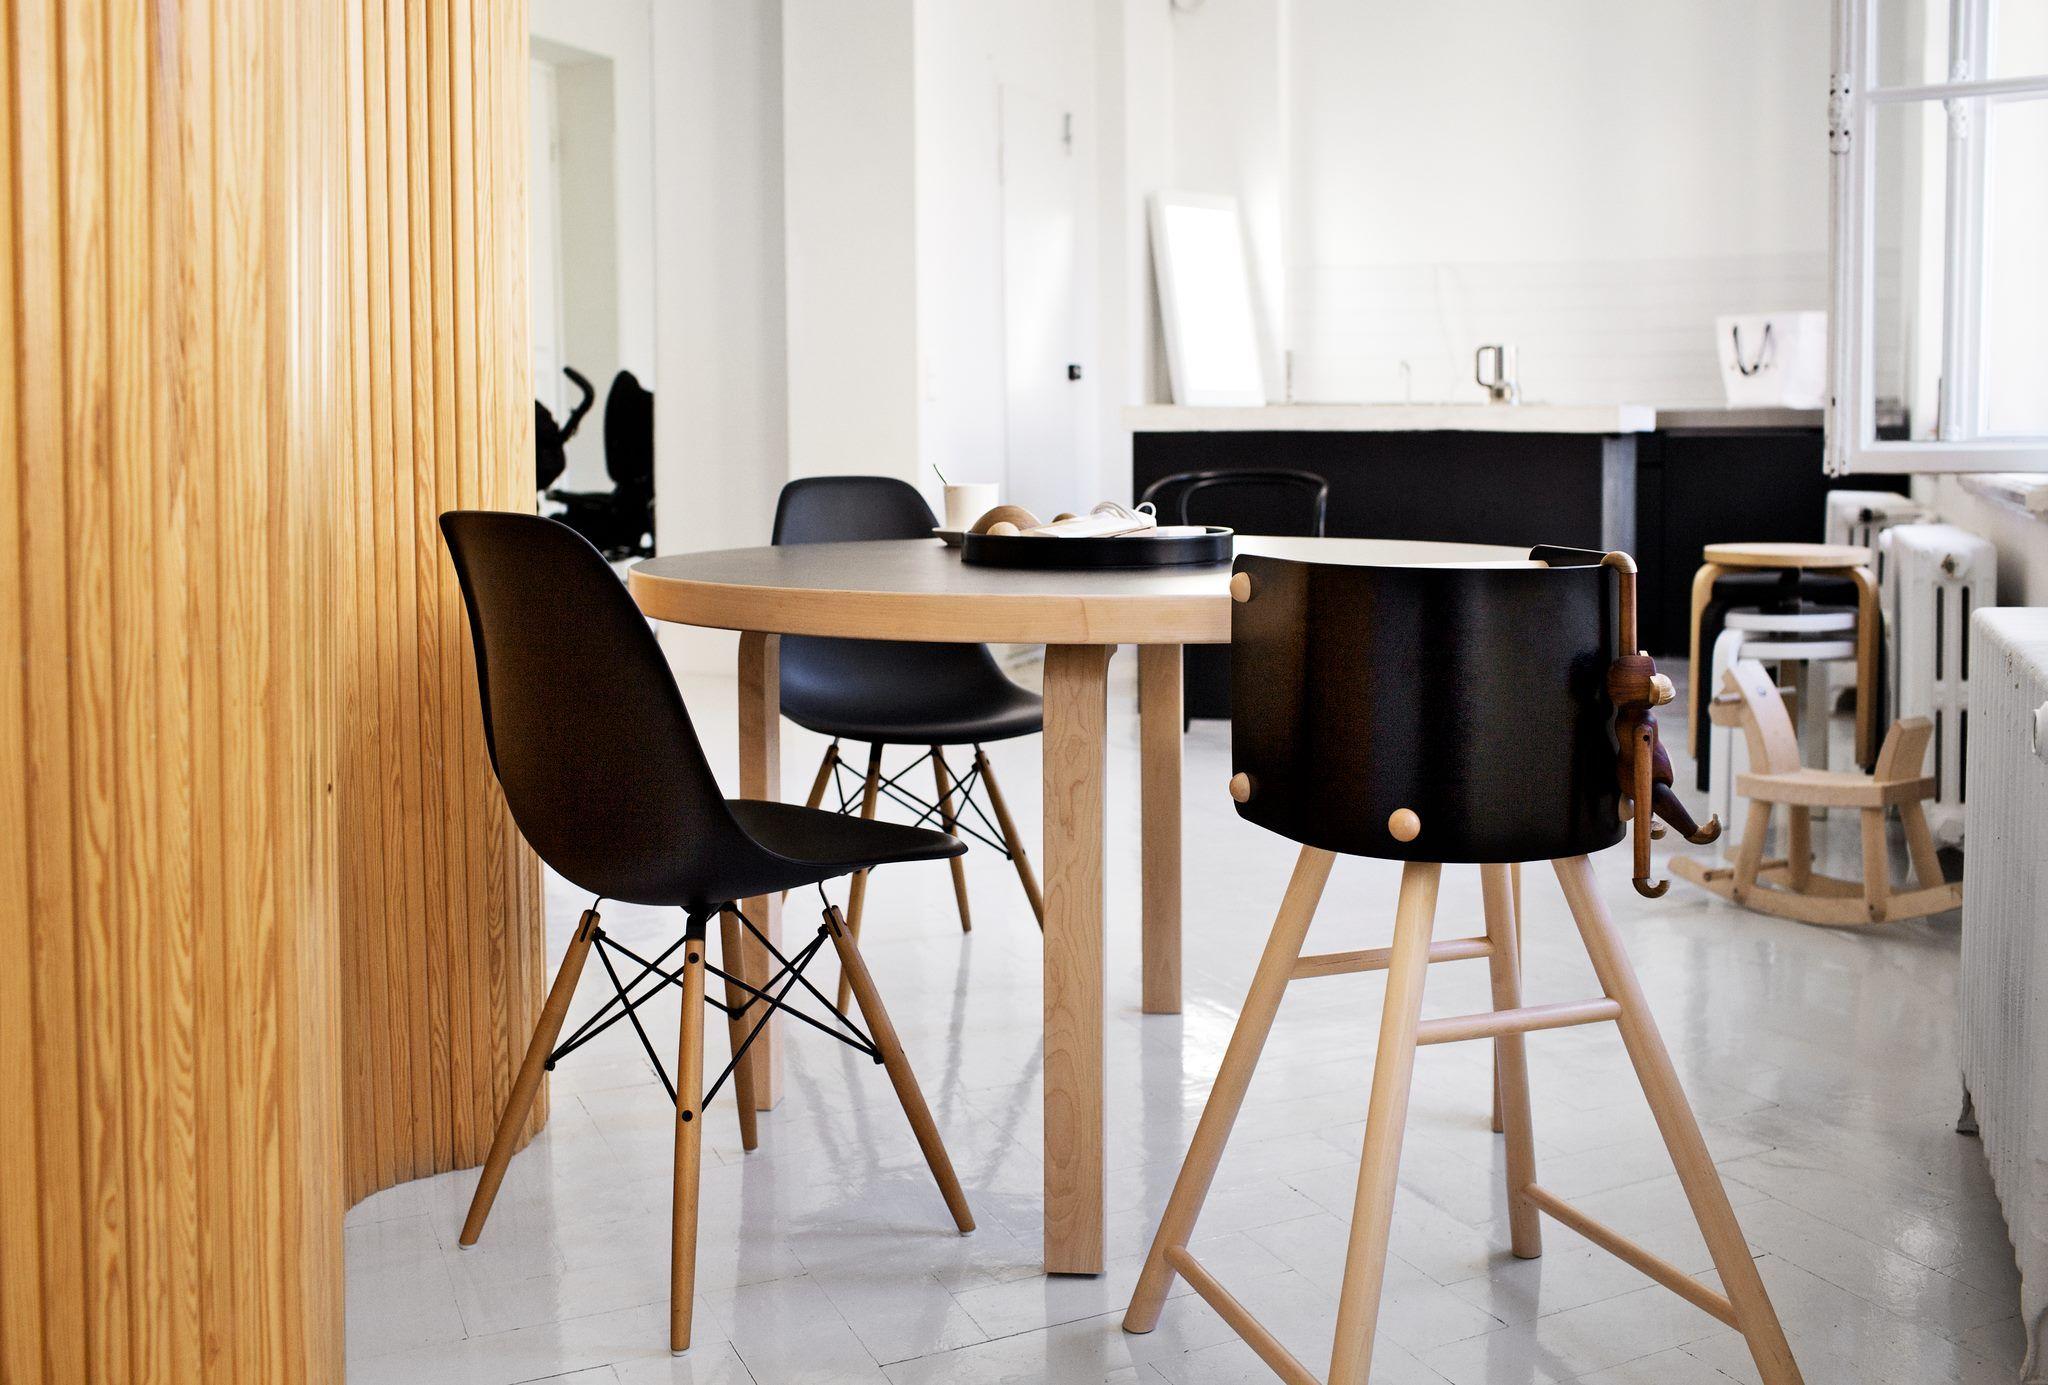 Artek Table Vitra Eames Plastic Side Chair DSW